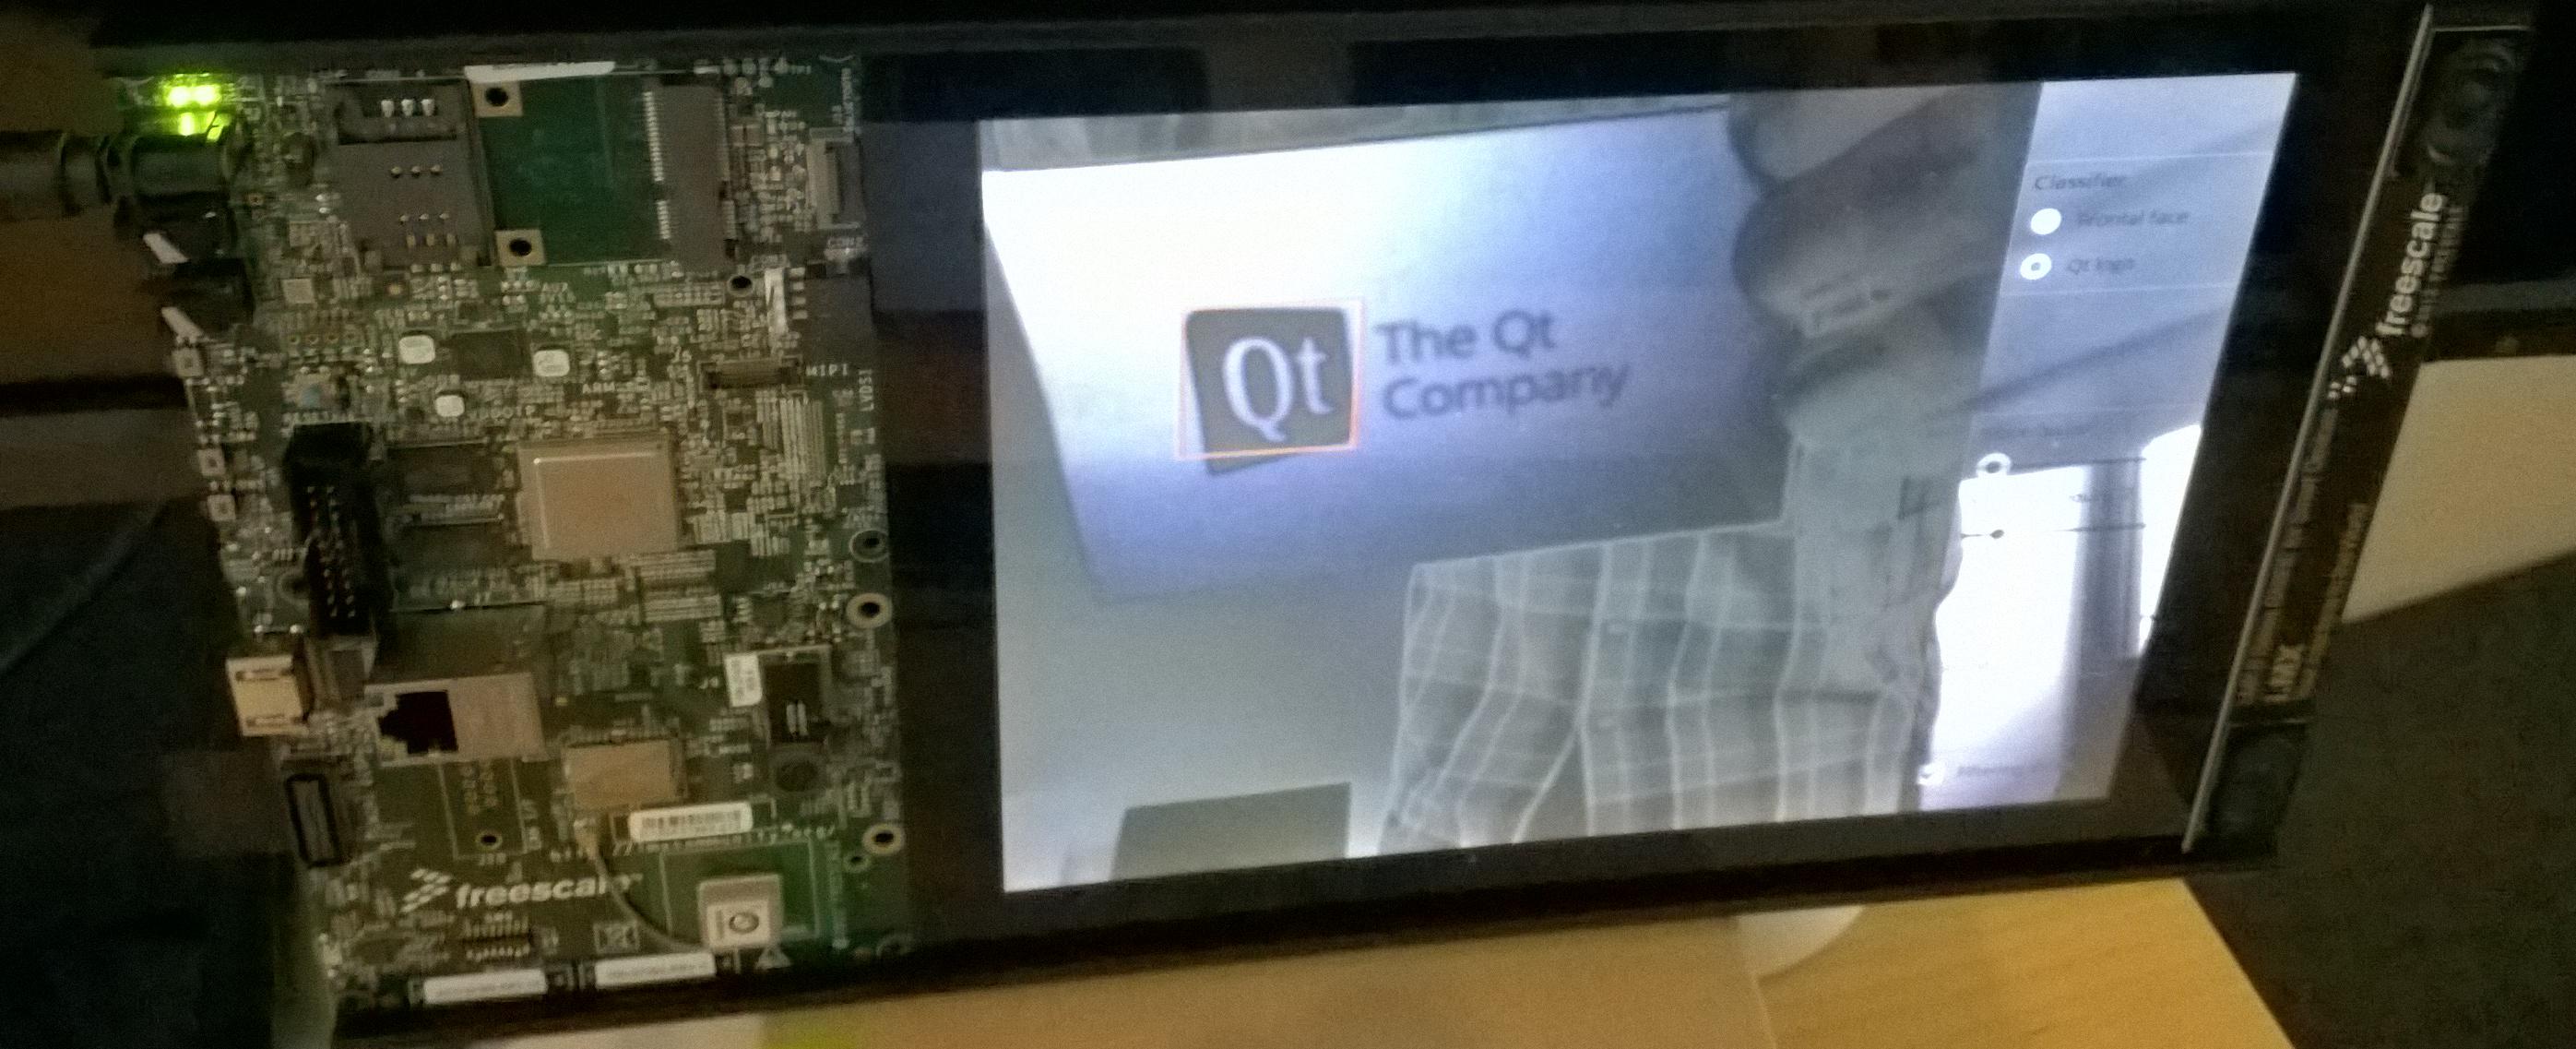 Introducing video filters in Qt Multimedia - Qt Blog